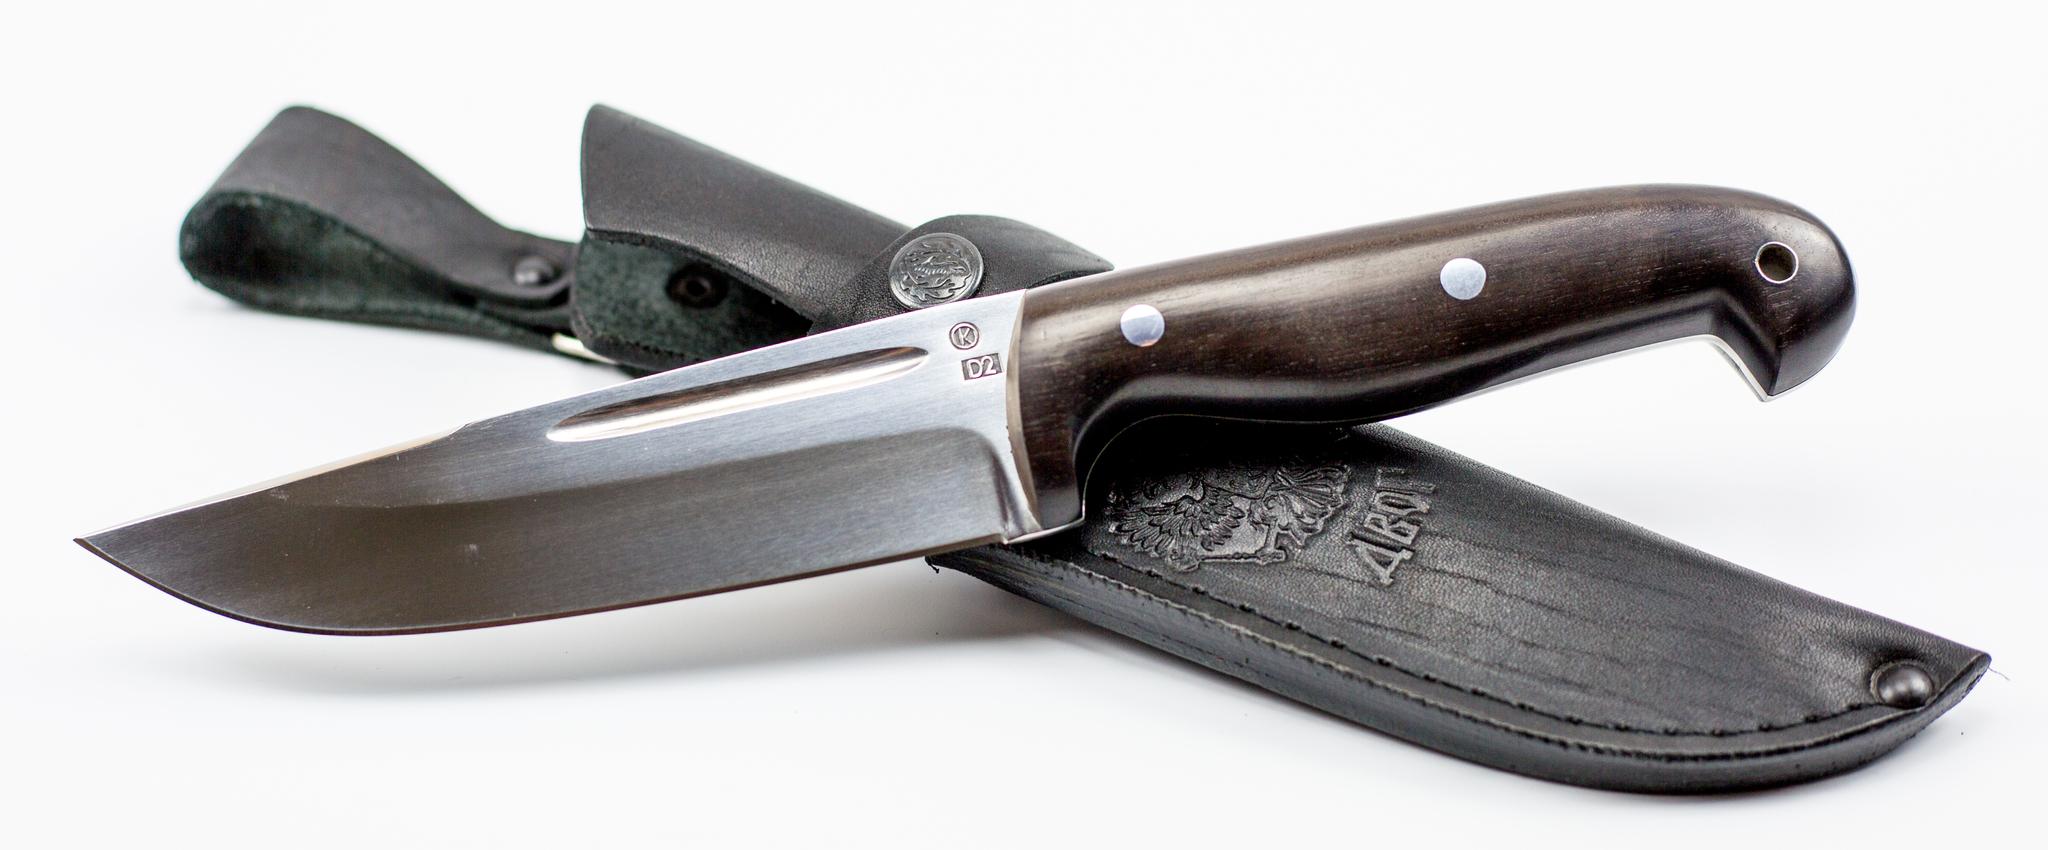 Фото 5 - Нож цельнометаллический Сайга, сталь D2, рукоять граб от Ножи Крутова